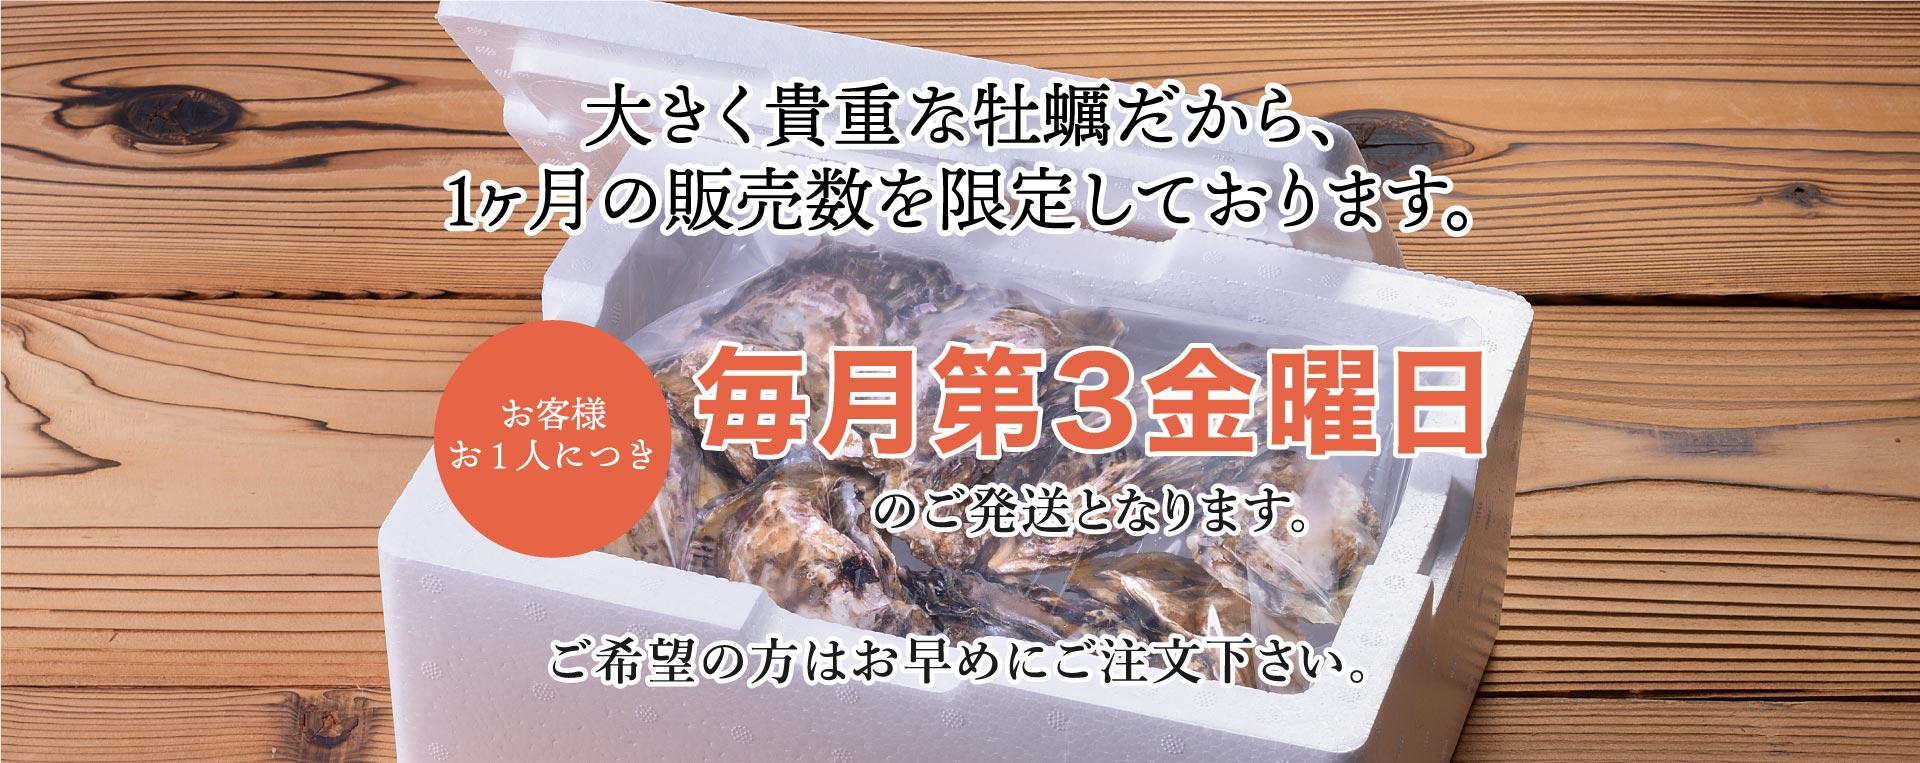 冷凍牡蠣販売・牡蠣の磯煮販売ページ7